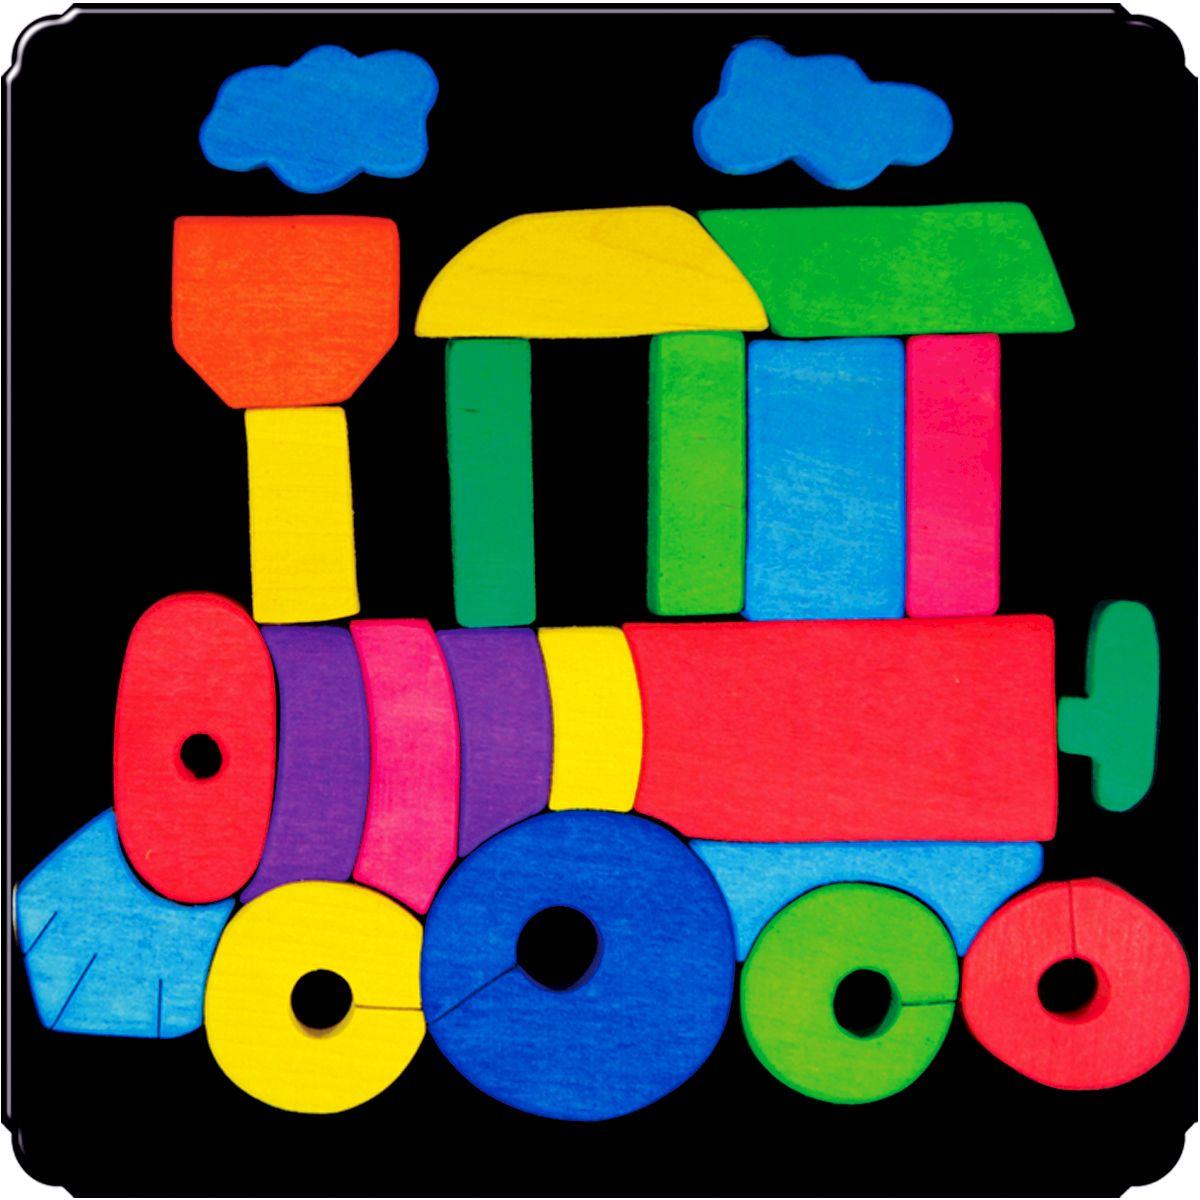 Деревяшкино Пазл для малышей Паровоз116Красочная игрушка-головоломка из натурального дерева на магнитной доске. Незаменима в машине, поездке – в любом месте, где Вашему малышу удобно играть. Удивительный мир ярких красок и фантазий везде с Вами! Каждая деталька мозаики крепко держится на магнитной доске. Ваш юный фантазер сможет не только решить сложную задачу: собрать головоломку как на картинке, но и, используя фантазию, сможет создать уникальные и неповторимые композиции. Объединяйте несколько наборов – будет интереснее! Все детали выполнены из натурального дерева, окрашены безопасной пищевой краской. Деревянные игрушки дают возможность ощутить структуру, плотность, вес, запах материала. Ребенок получает правдивую информацию об окружающем мире. Развивает: мелкую моторику, абстрактное и логическое мышление, понимание цветов, геометрических форм. Методические рекомендации: объясните малышу почему детальки держатся на доске. Объясните как правильно собрать мозаику, но не помогайте в трудных местах. Попросите ребенка...